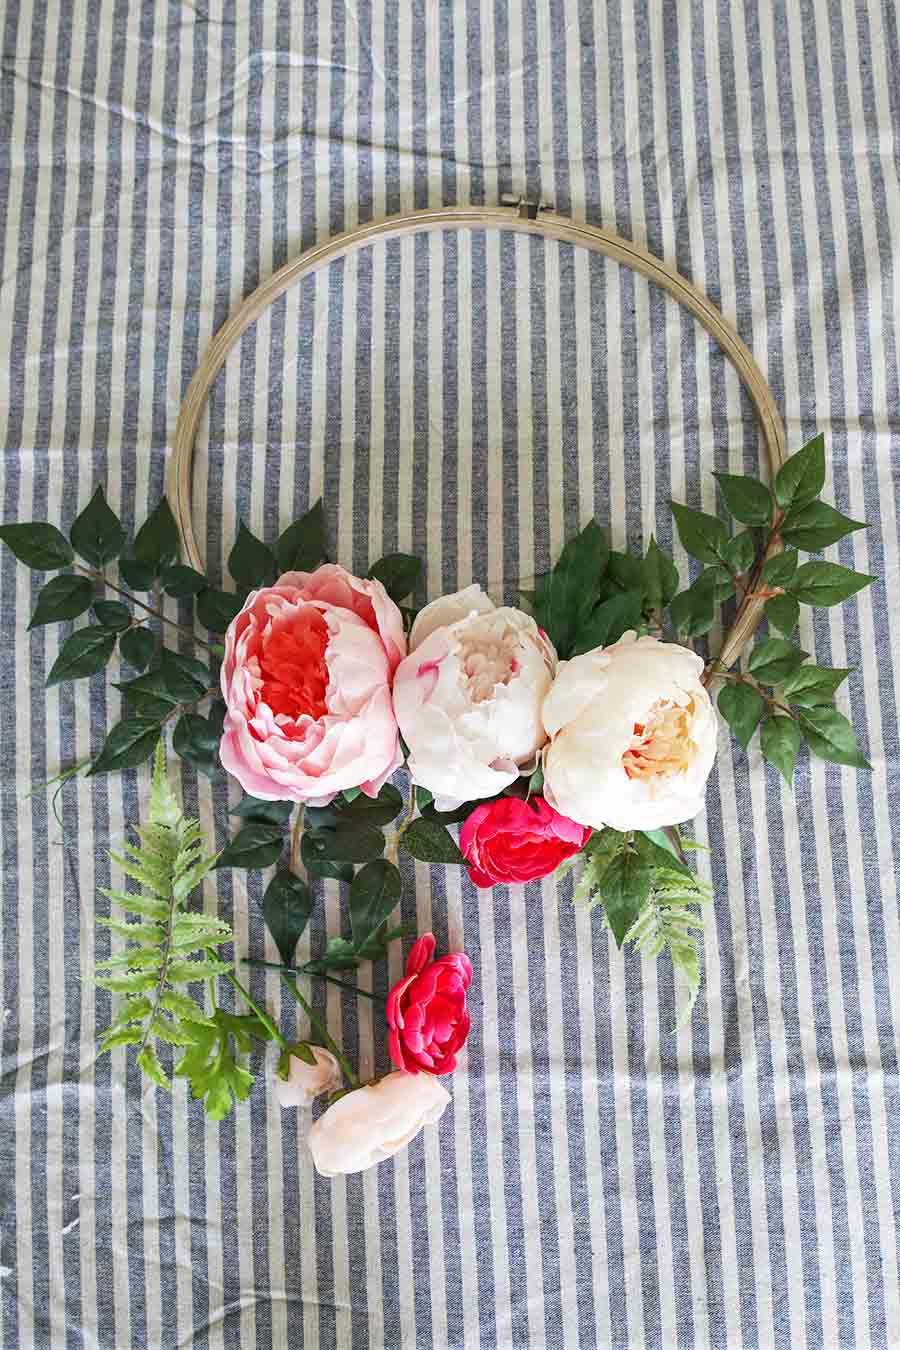 DIY Modern Wreath Tutorial